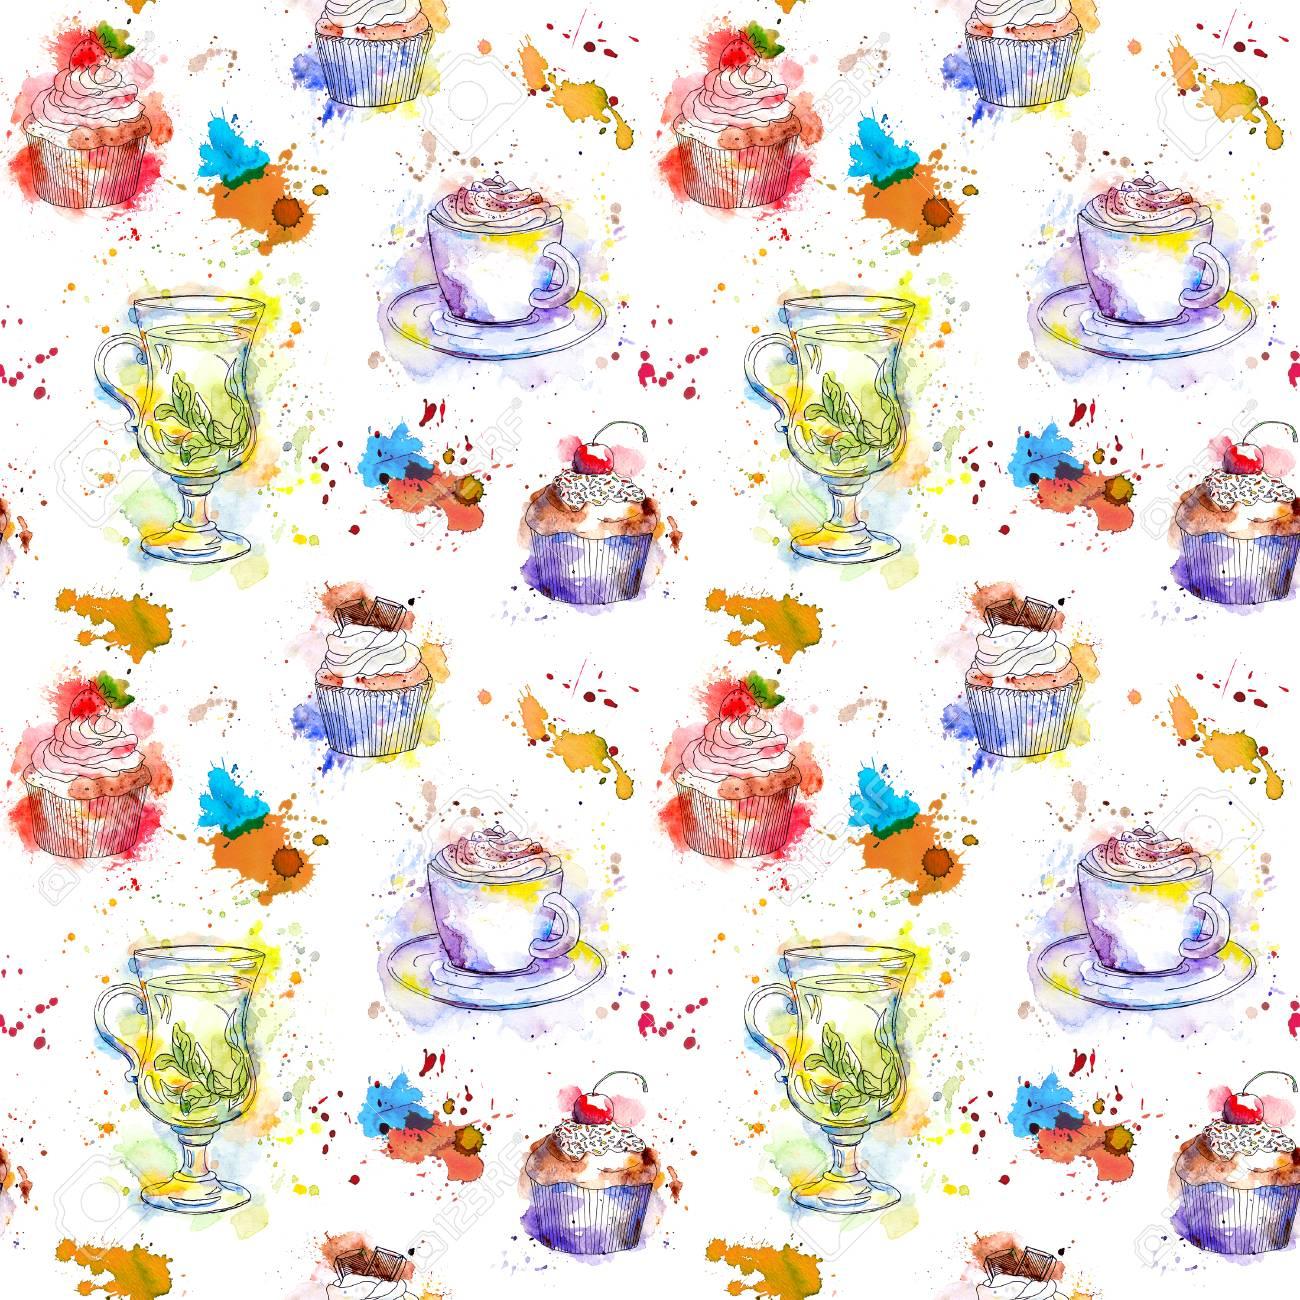 Teatime Wiederholenden Muster Kuchen Kuchen Tee Kaffeetasse